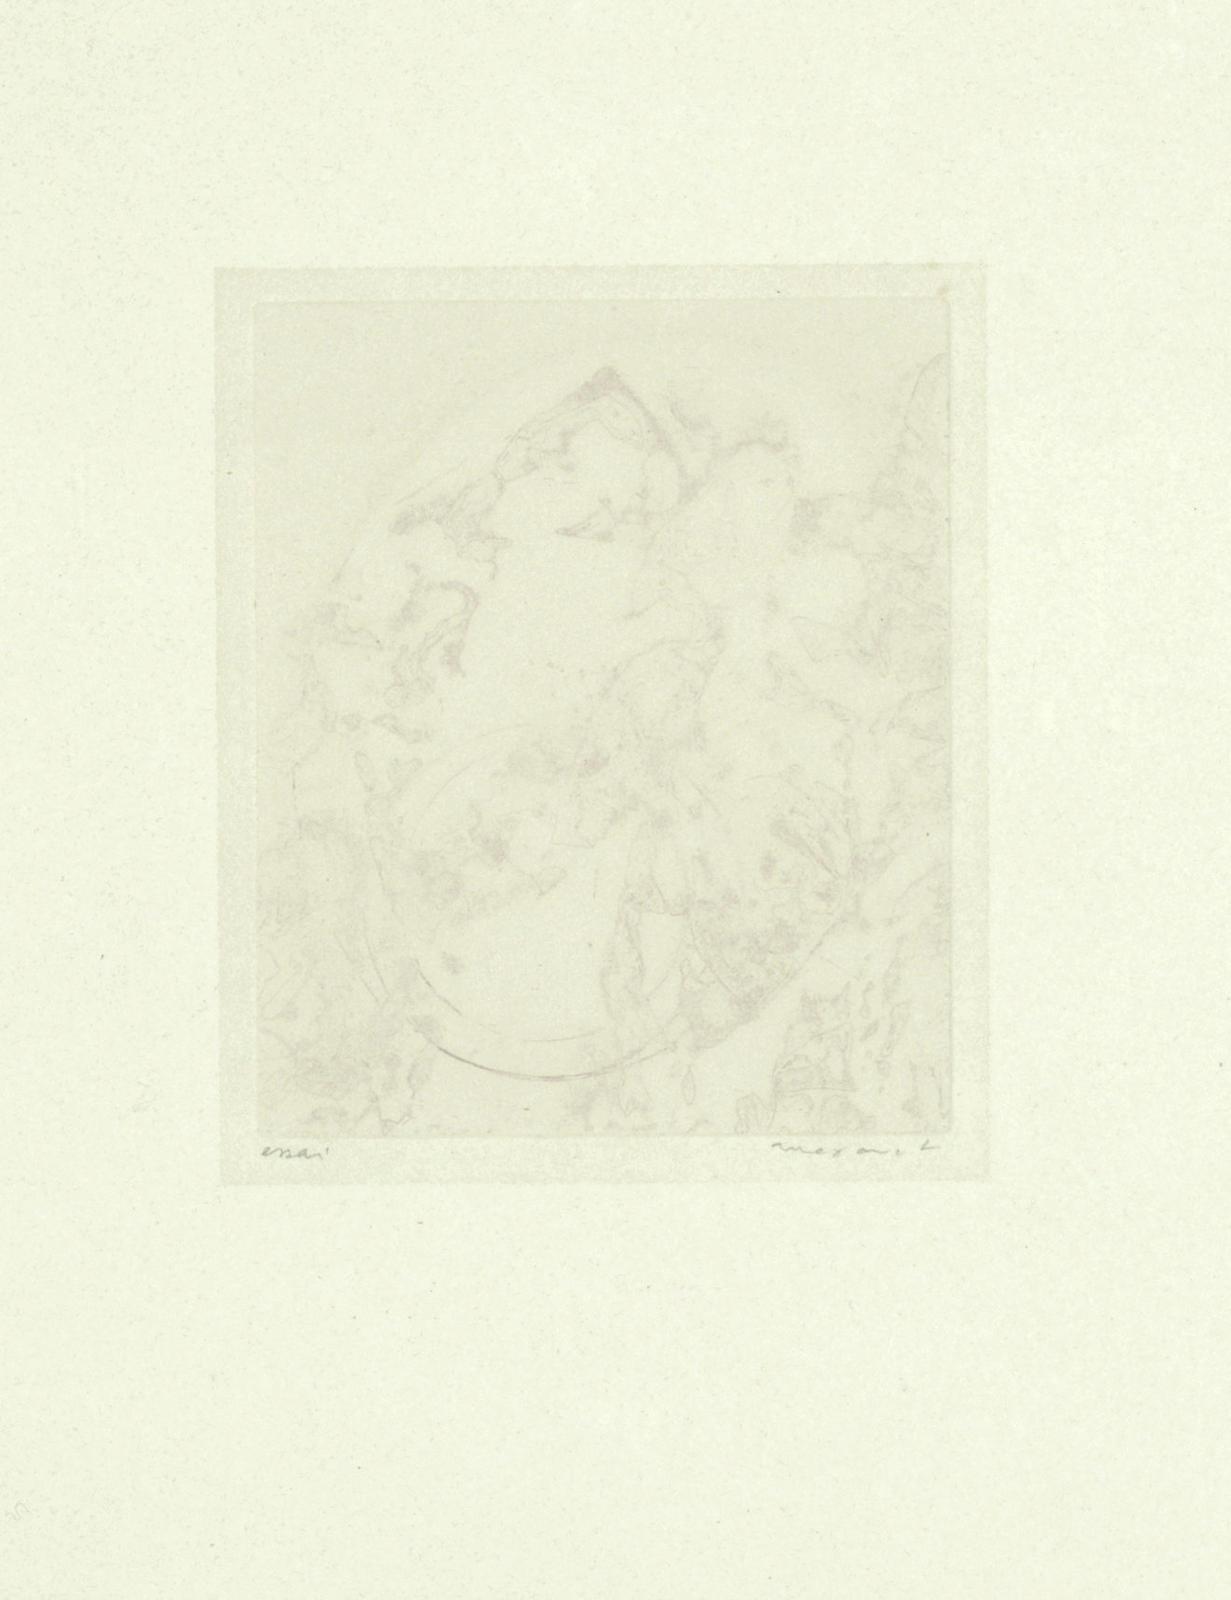 Max Ernst-Fete de Paix, from 'Poems' (Leppien 77Ib)-1961